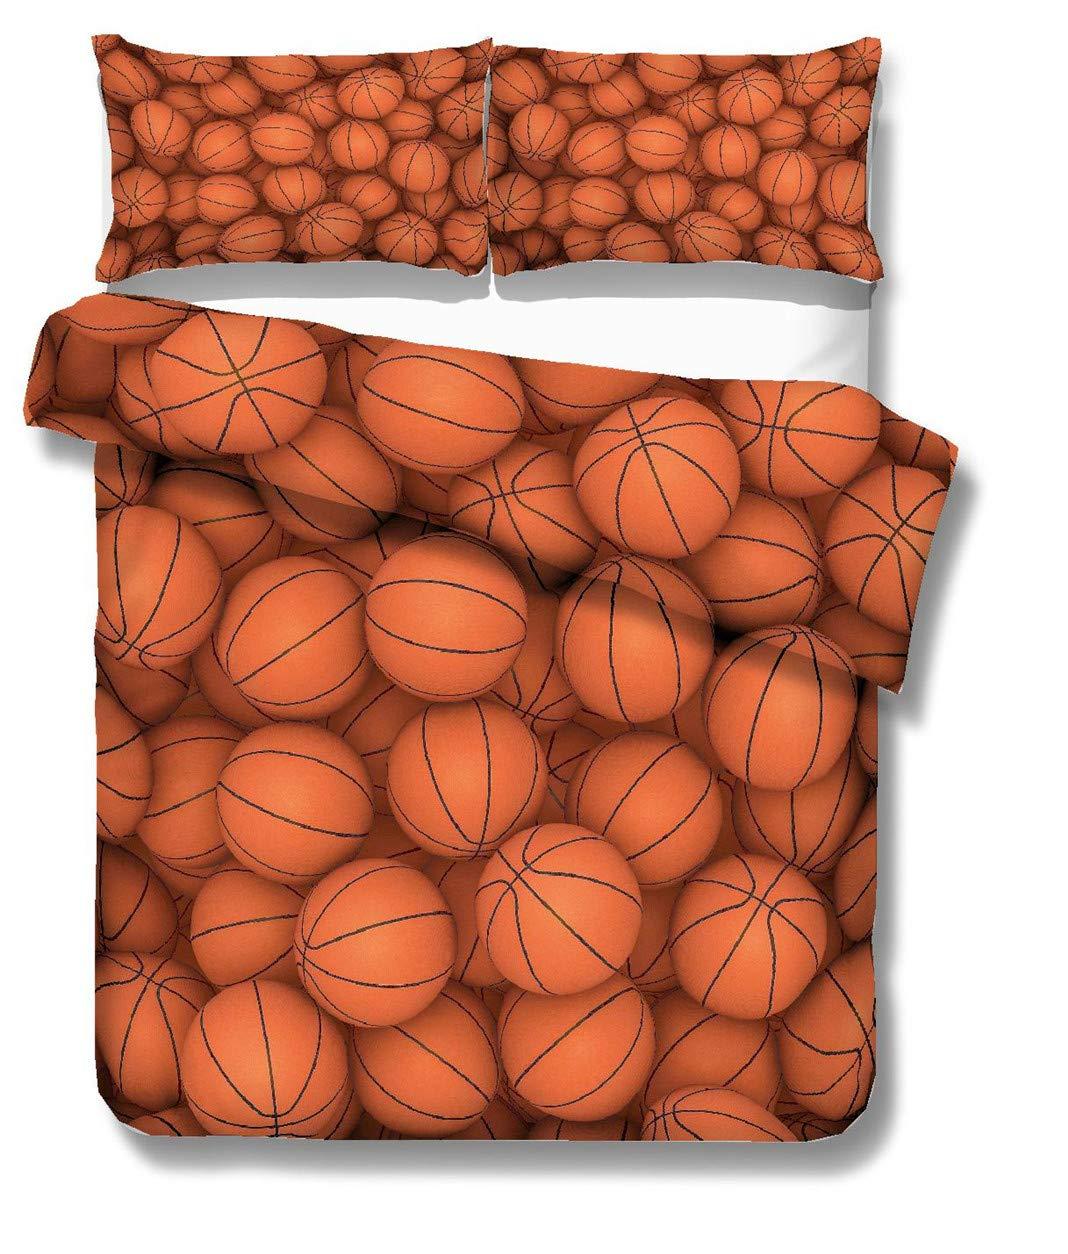 Parure de lit 140x200 Enfant Gar/çon 1 Personne Housse de Couette Sportif Style Basketball Impression Literie Simple Housse de Couette et Taie doreiller